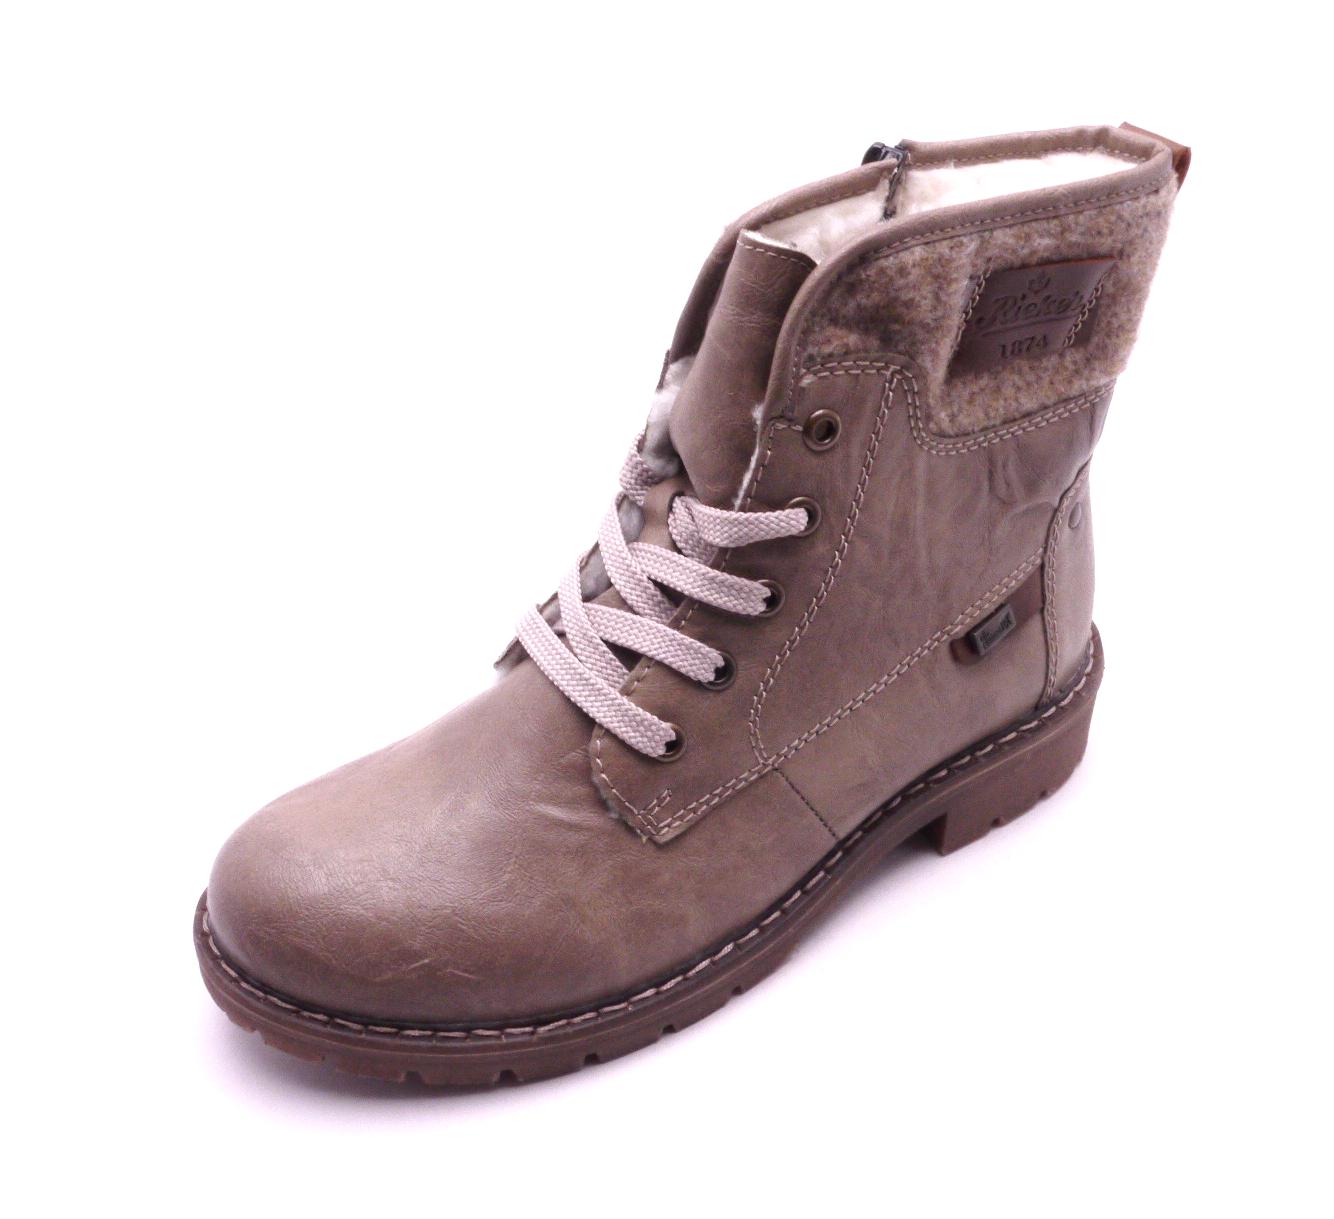 9baef73dcefe8 Rieker Dámská kotníková obuv Y9123-64 Velikost: 37